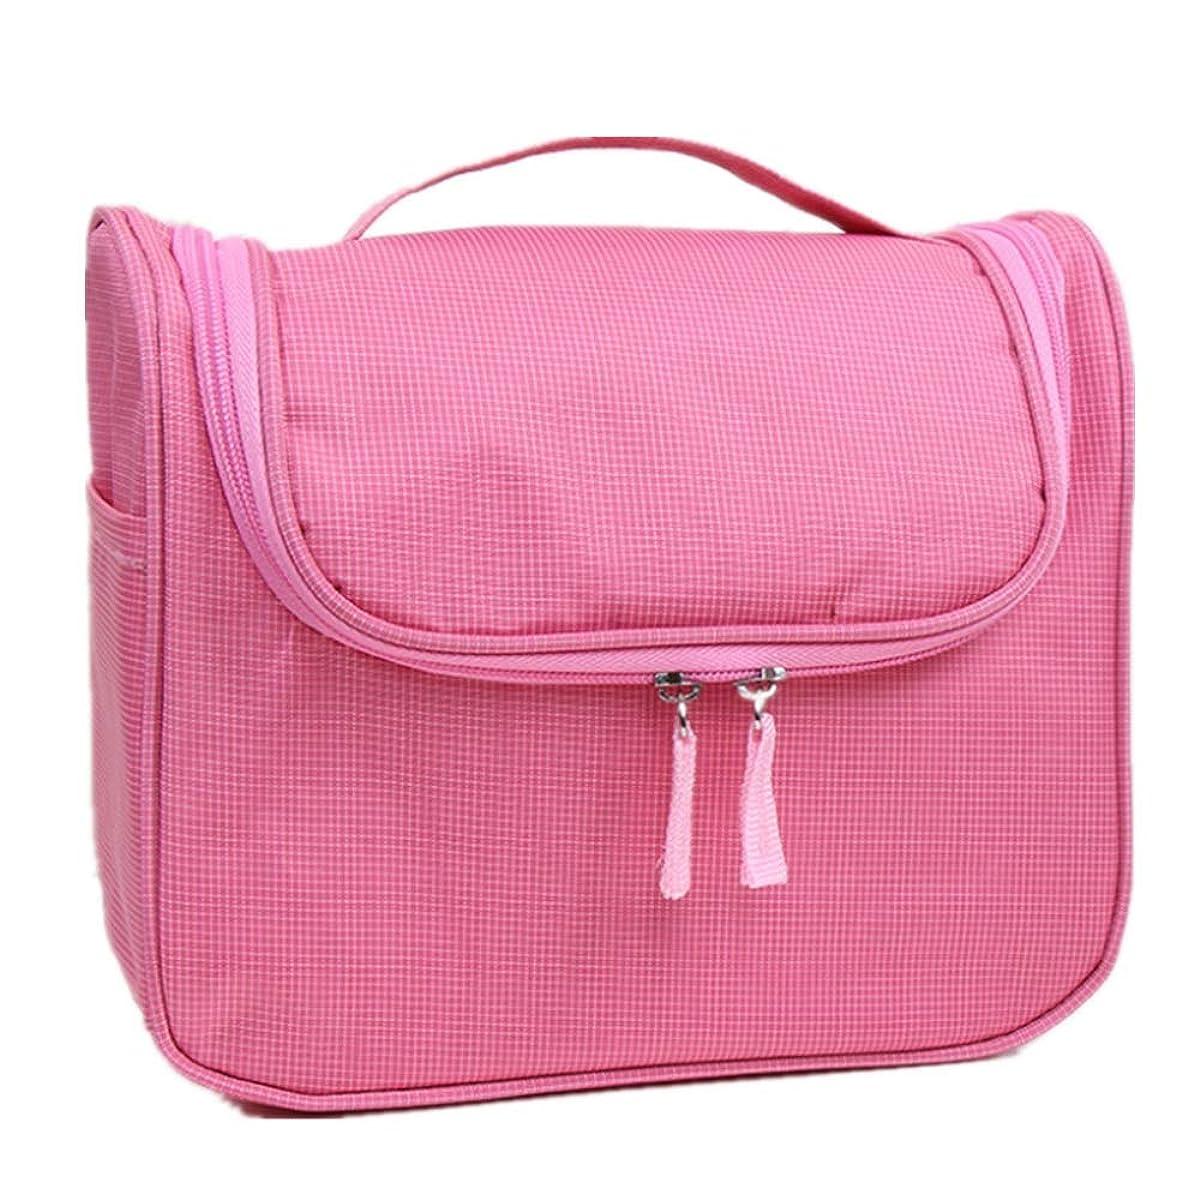 誇りに思うあごコンクリート化粧オーガナイザーバッグ 大容量の旅行化粧品バッグ丈夫で耐久性のある洗濯可能な化粧品保管コンセントレーションバッグウォッシュバッグ 化粧品ケース (色 : ピンク)